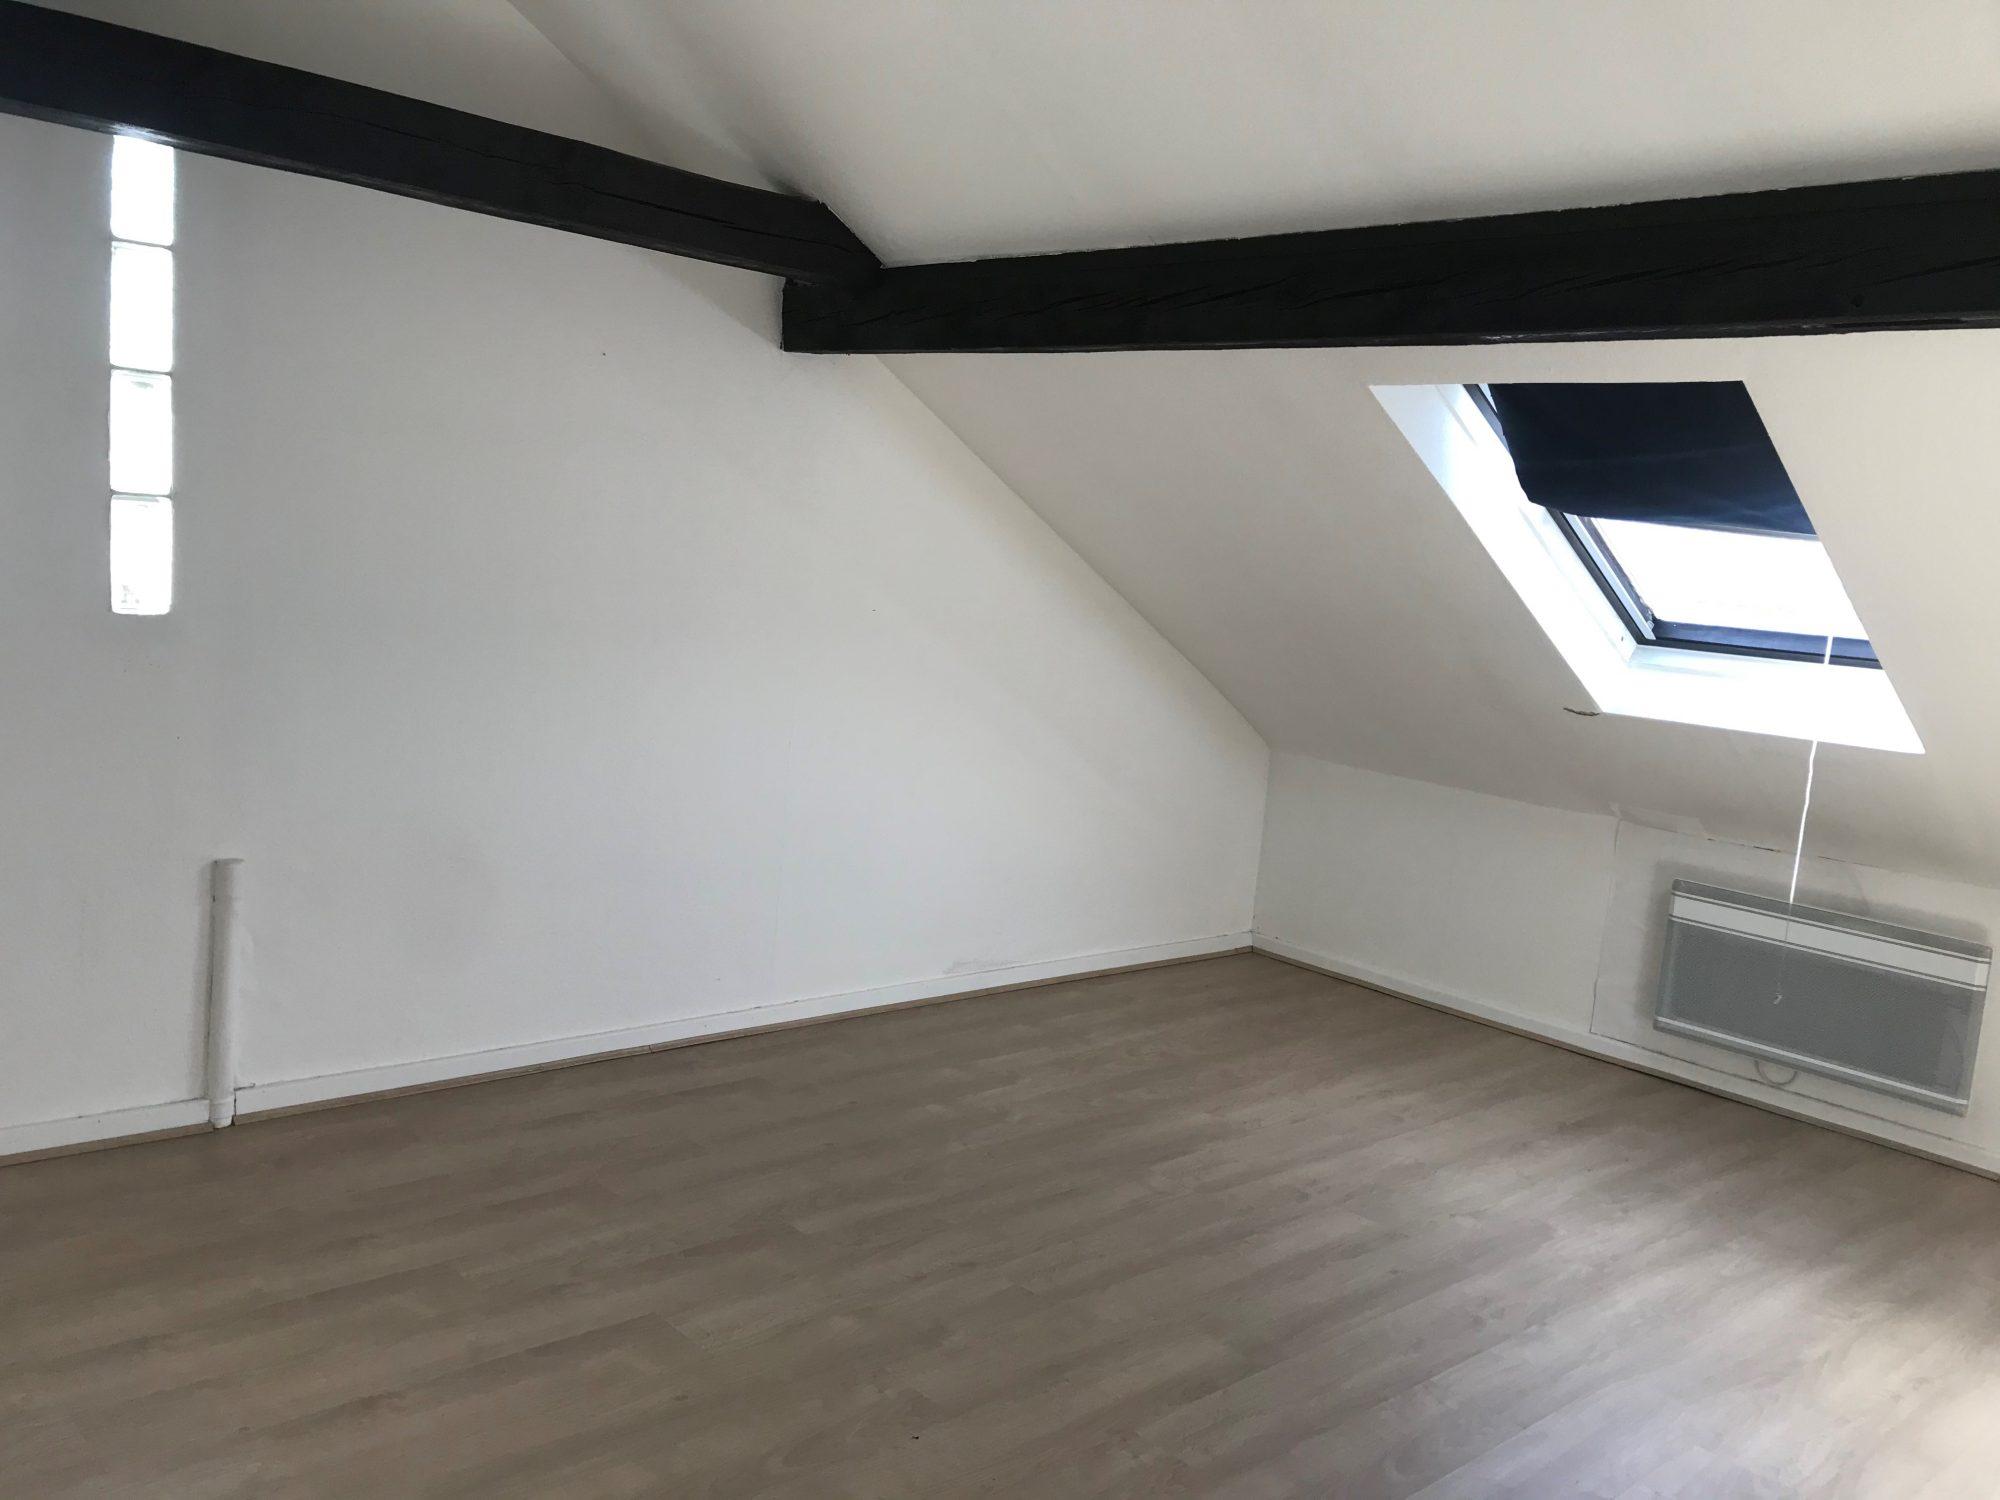 ILLKIRCH - 2 pièces de 26.98 m²